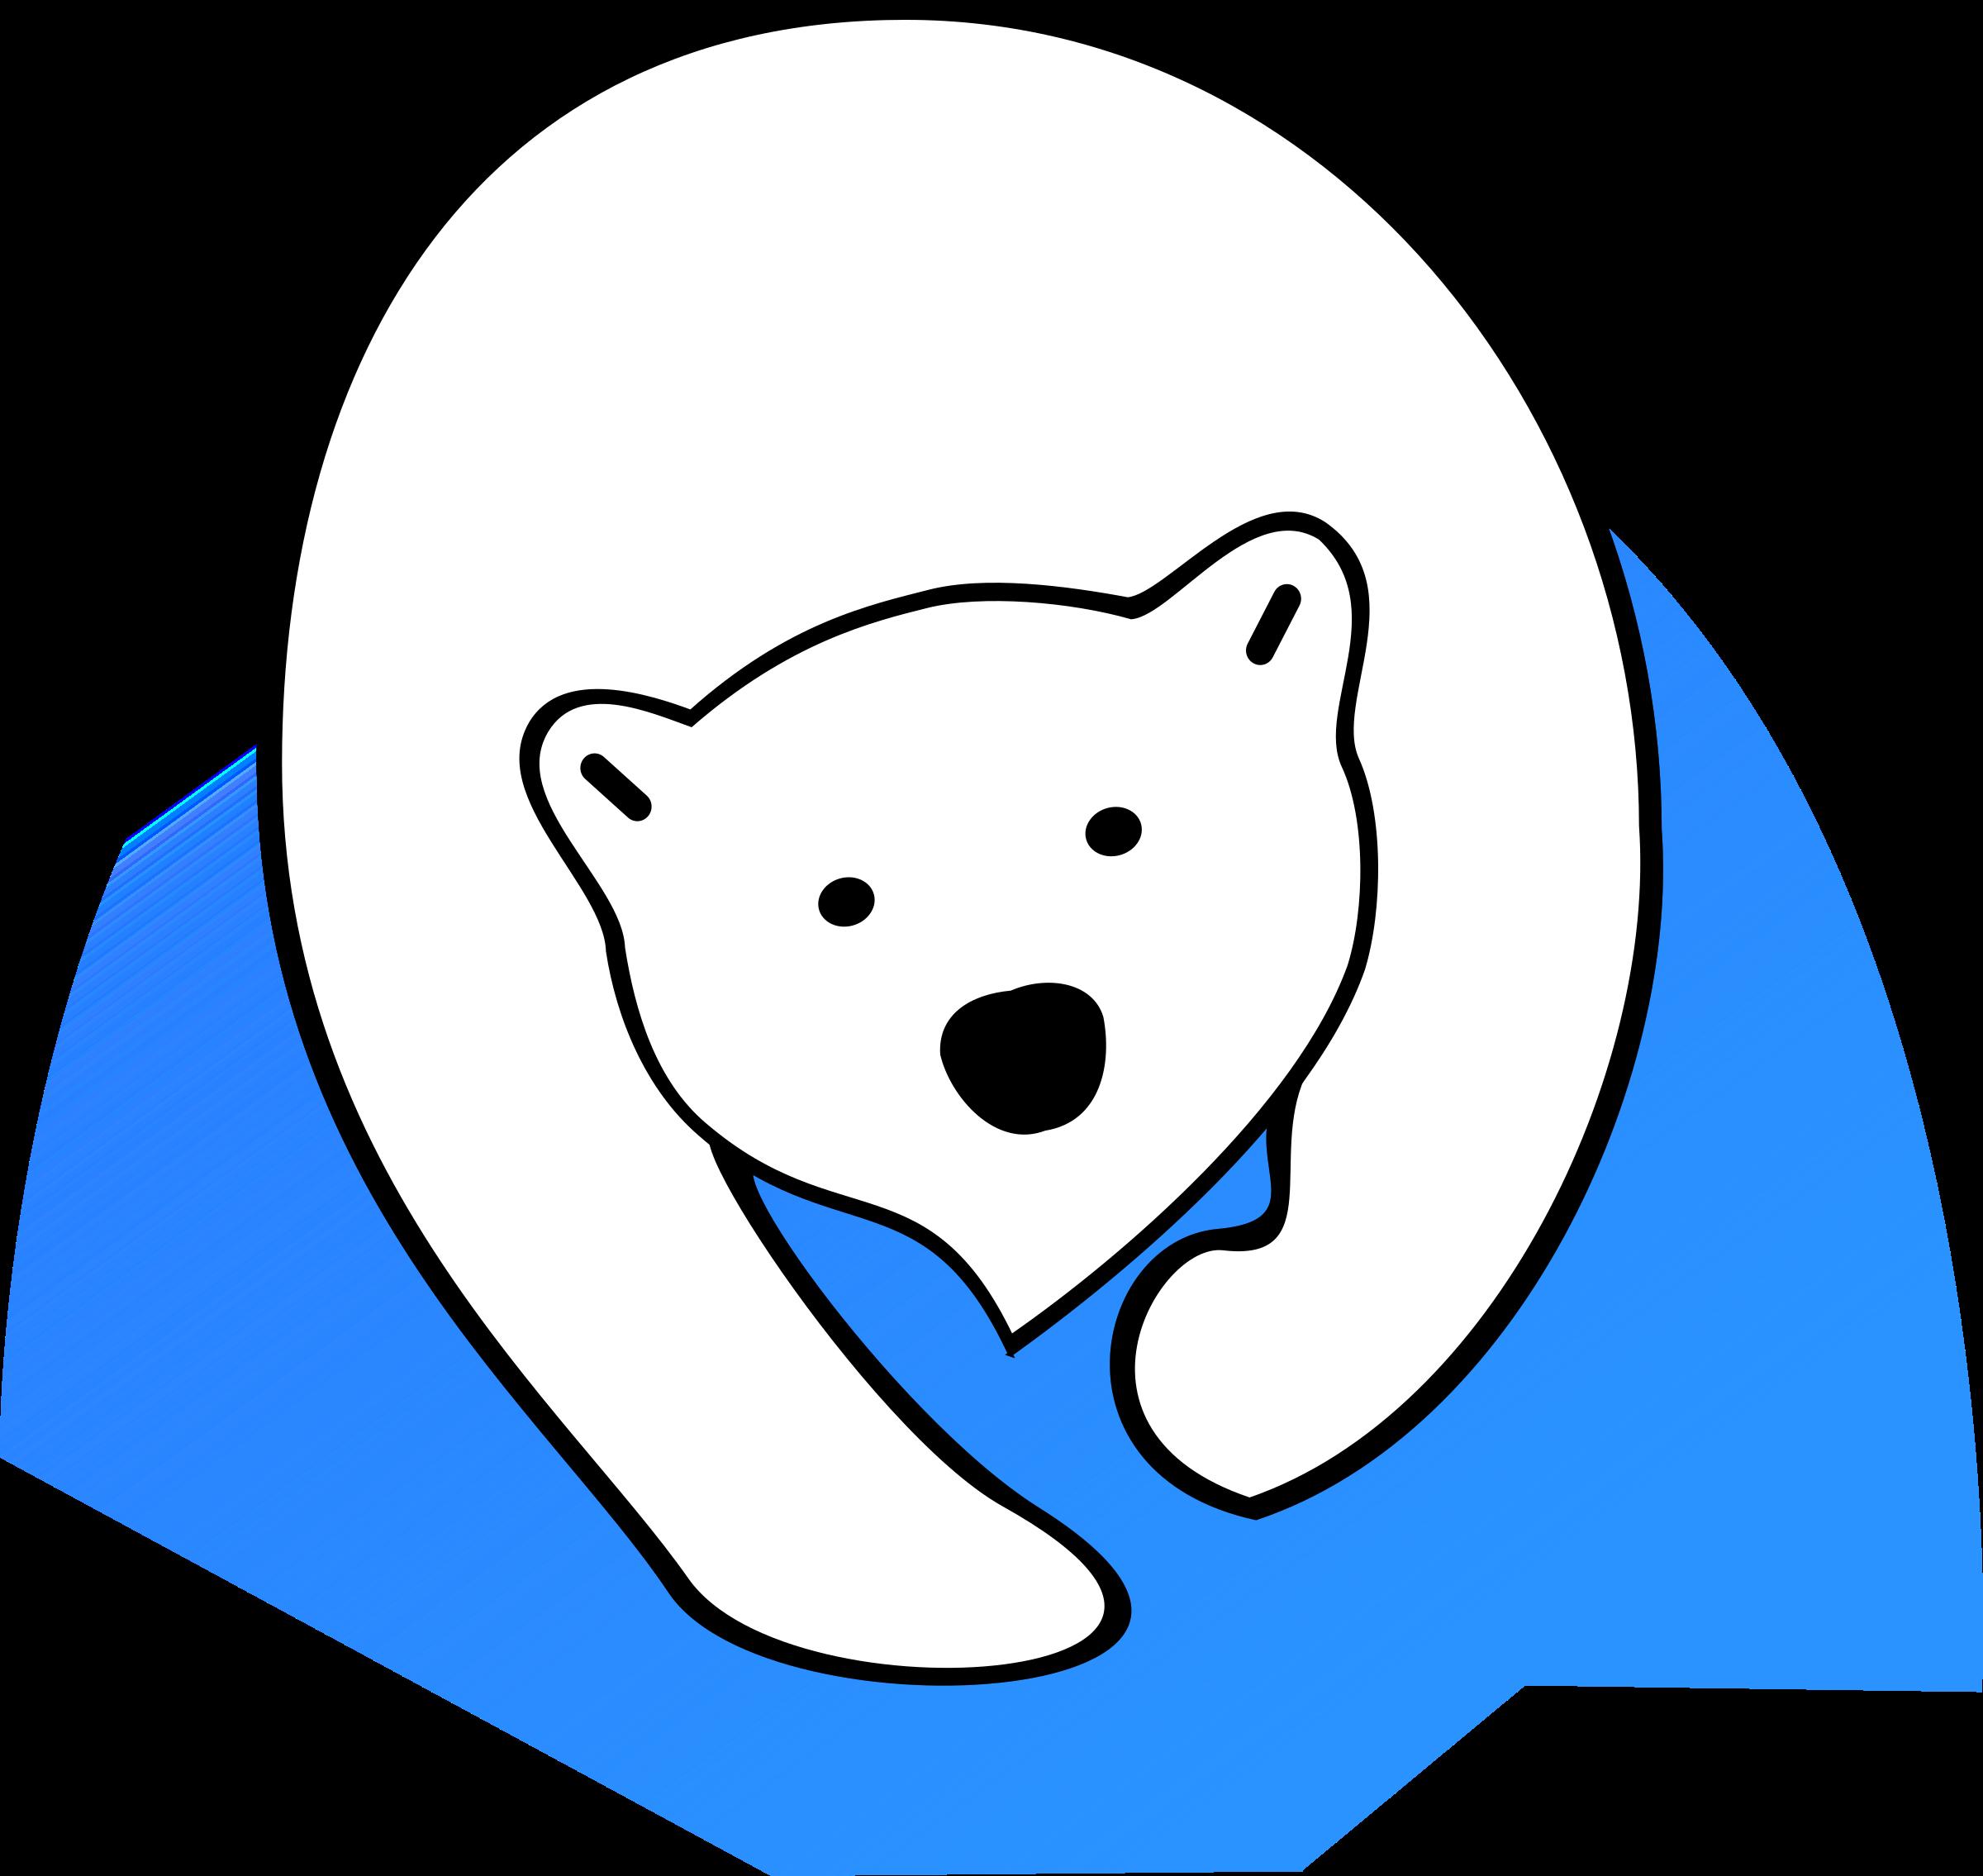 Head clipart polar bear. Big image png